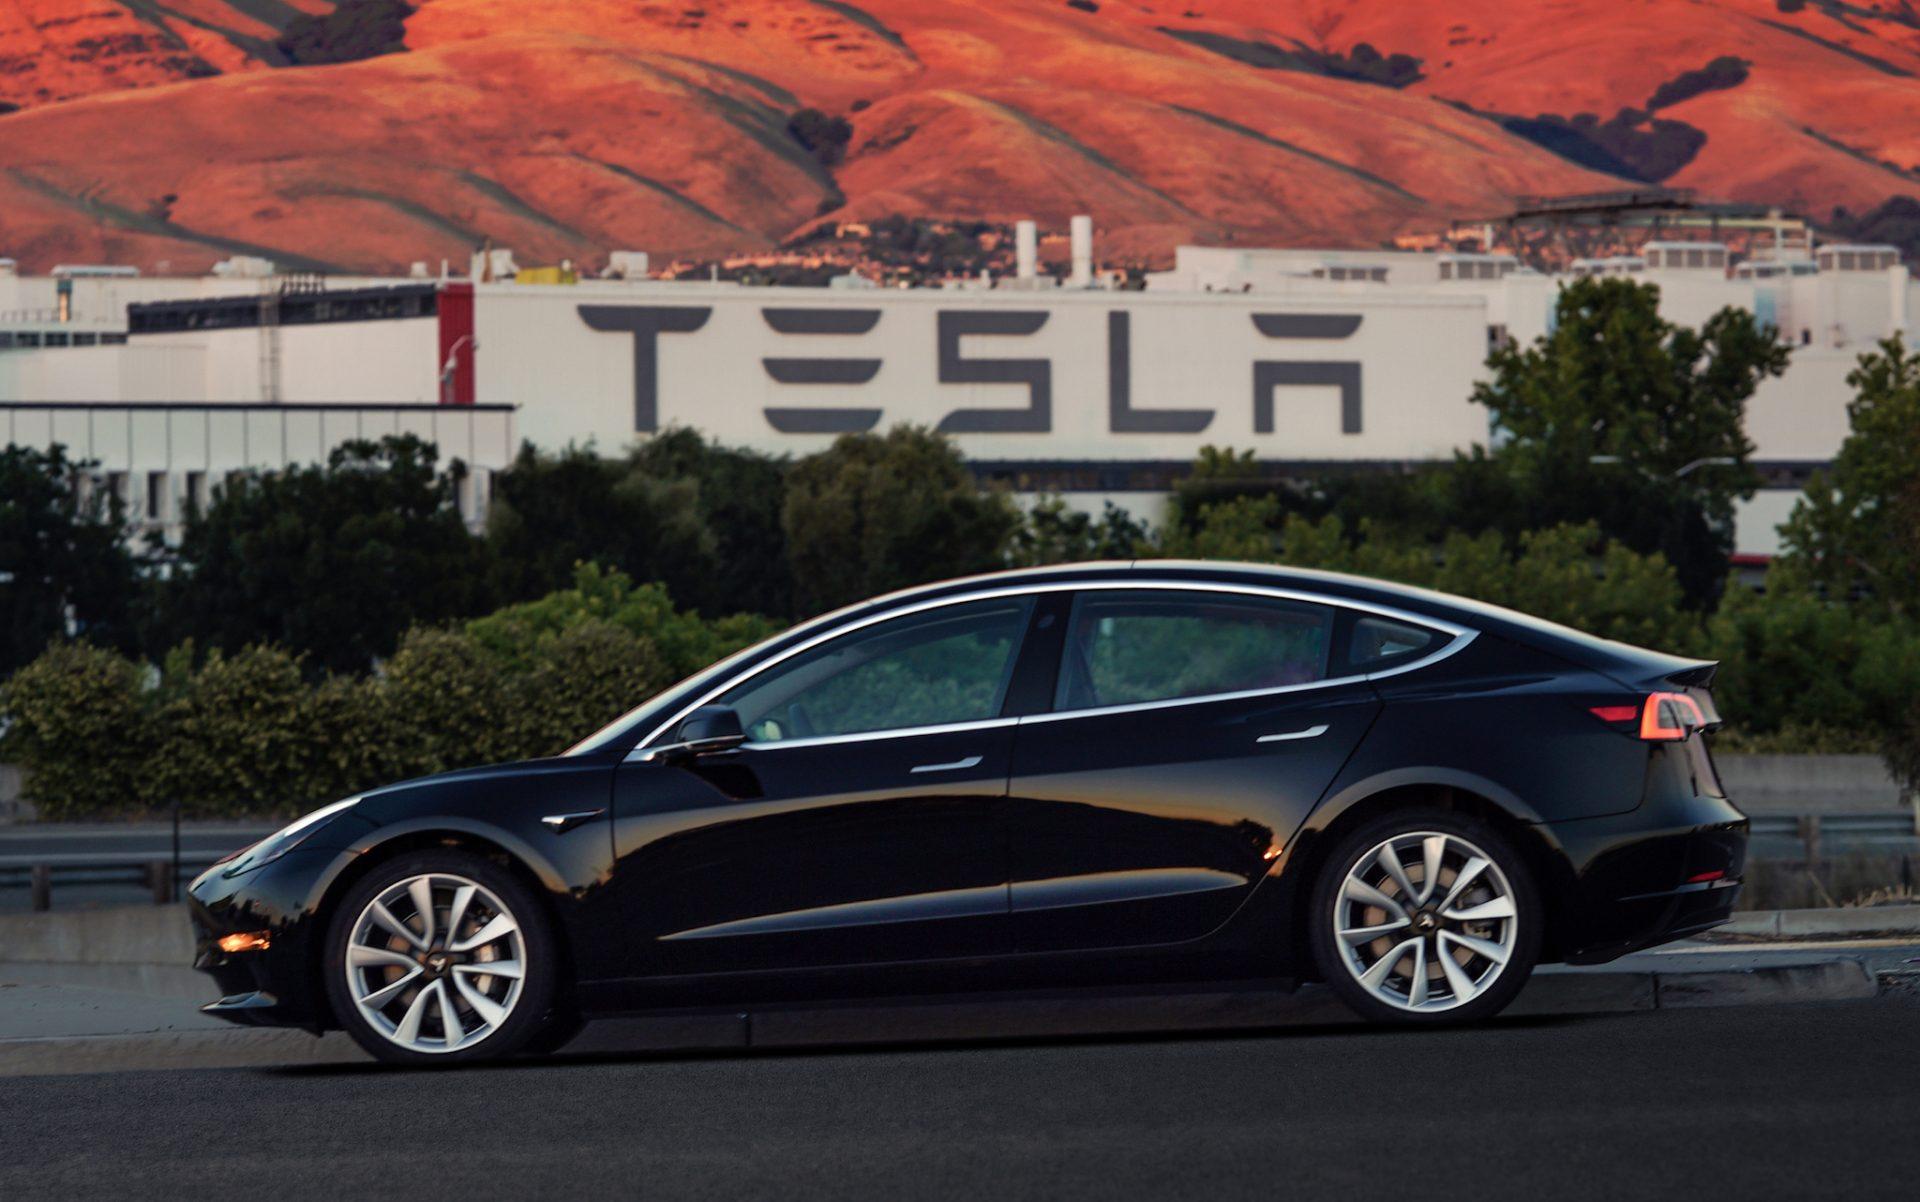 Бах против угонщиков автомобилей: Tesla будет пугать злоумышленников музыкой из фильмов ужасов